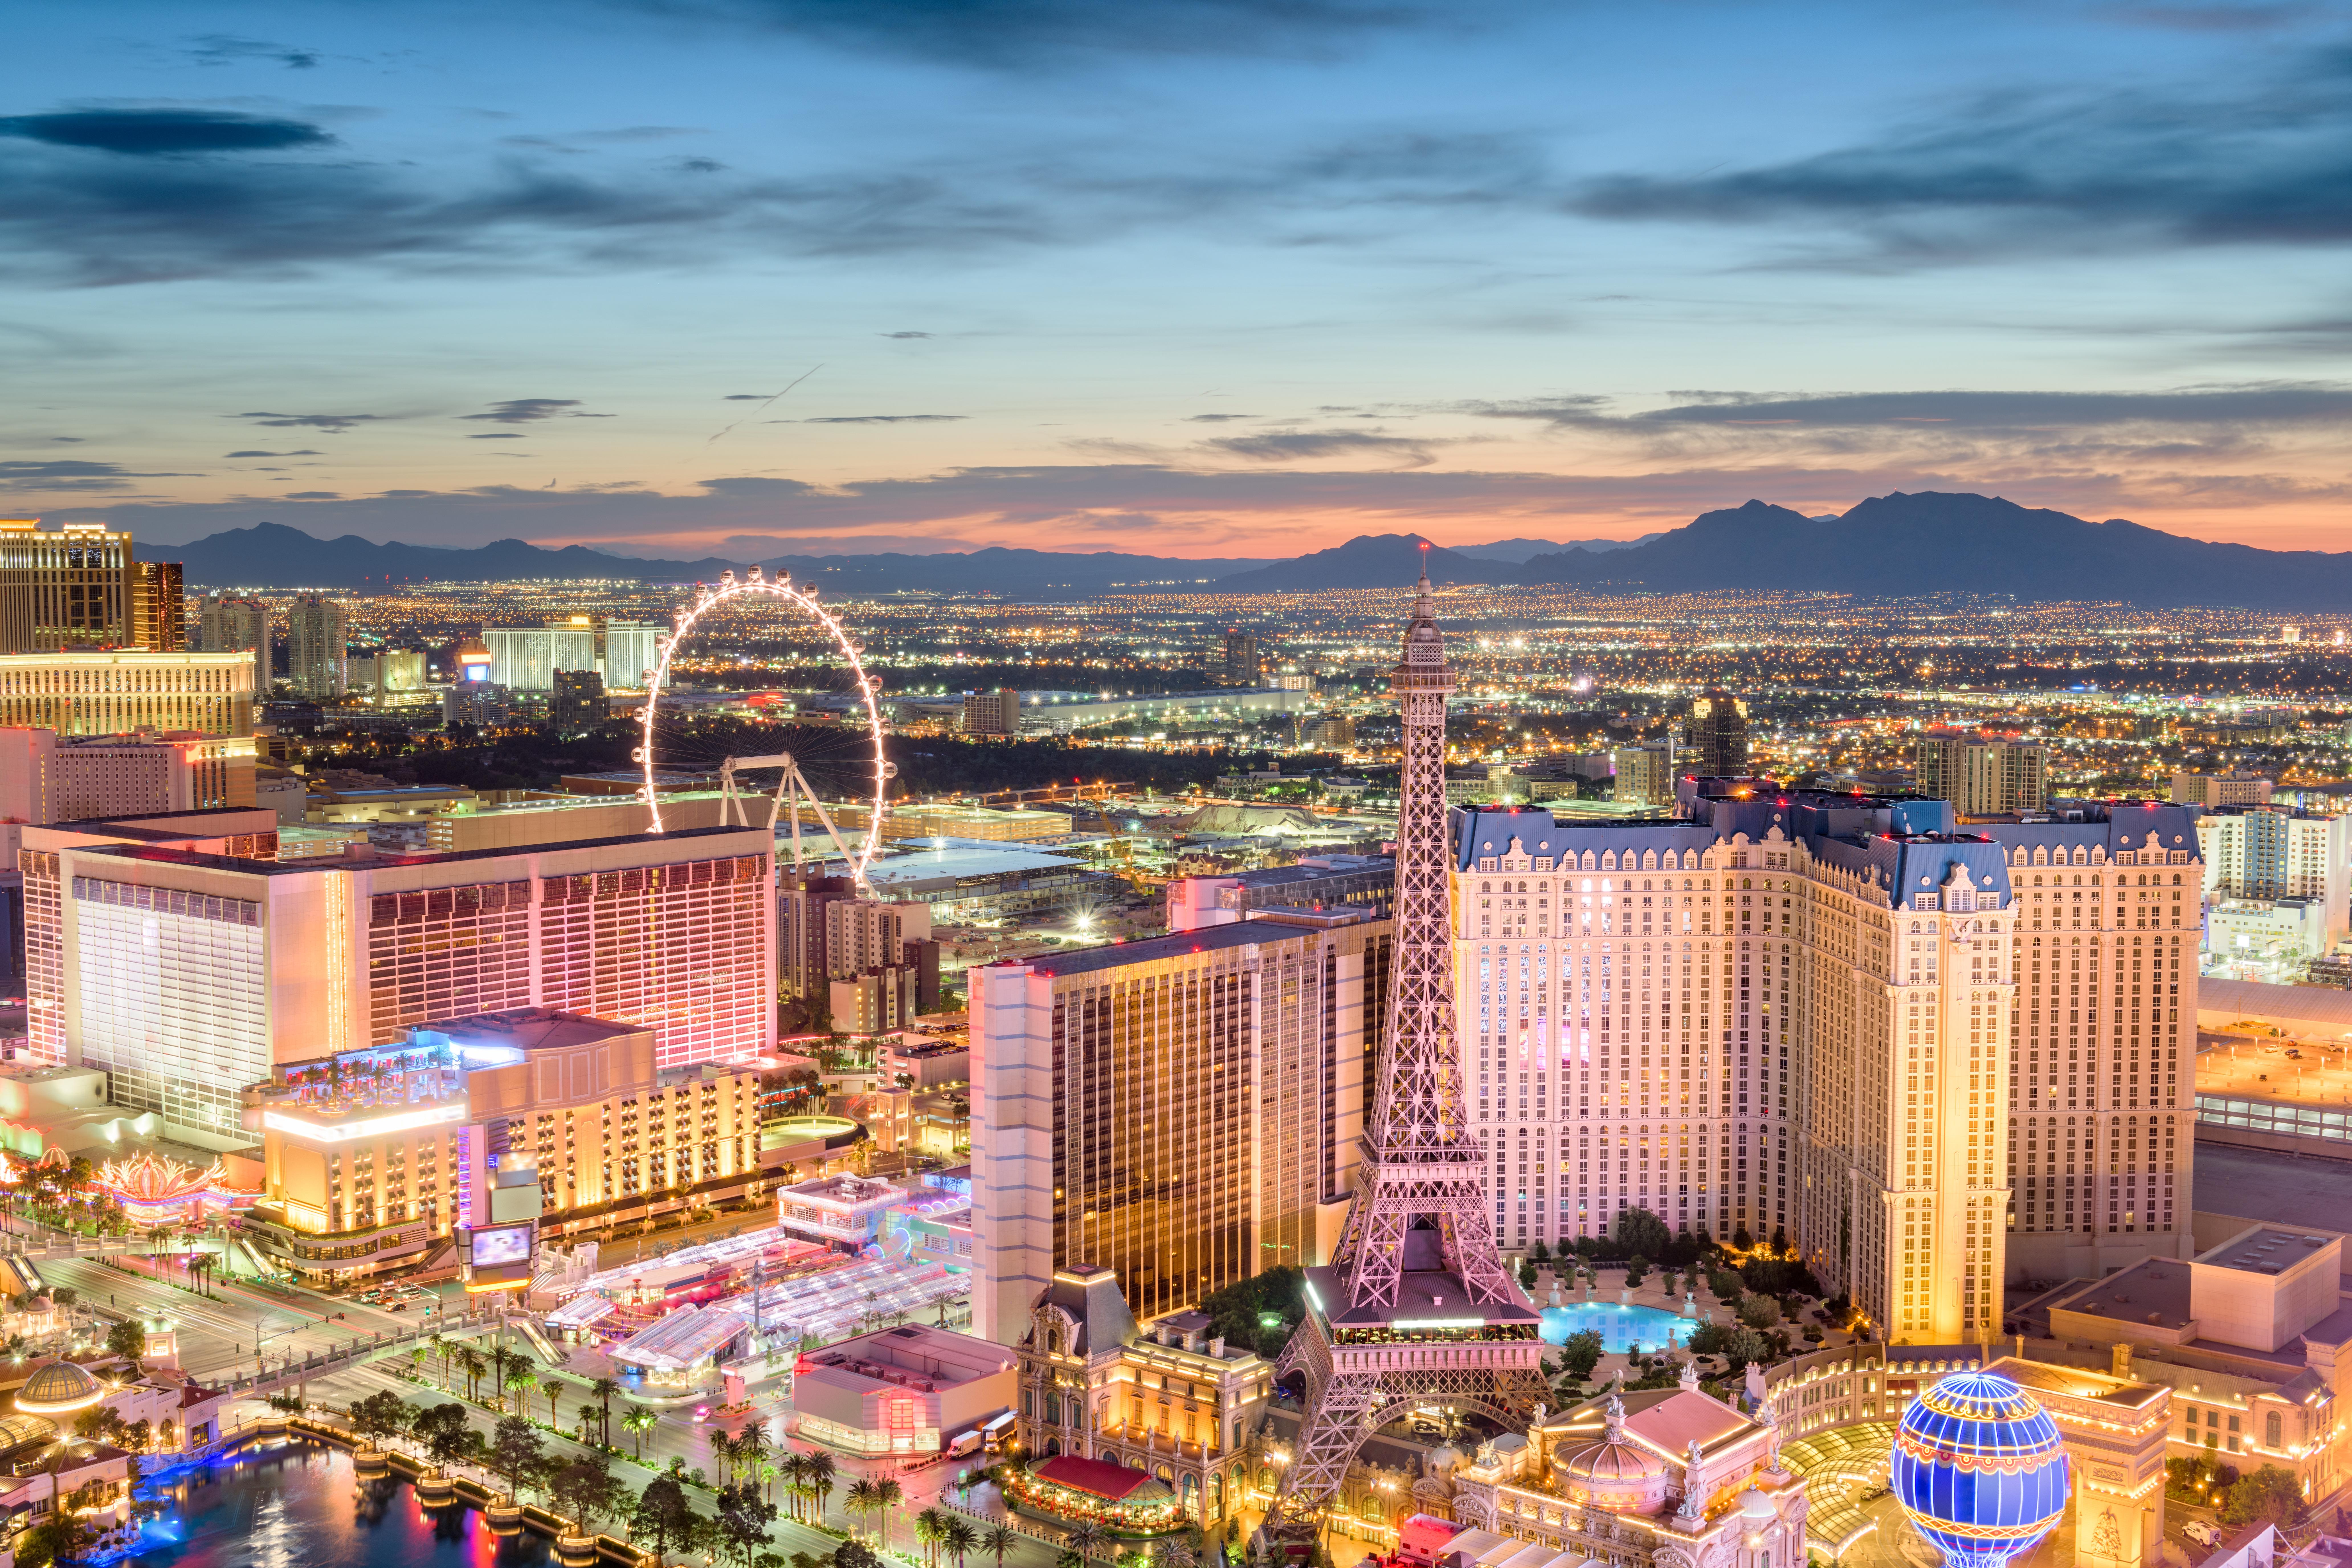 2021 HIMSS - Las Vegas, NV